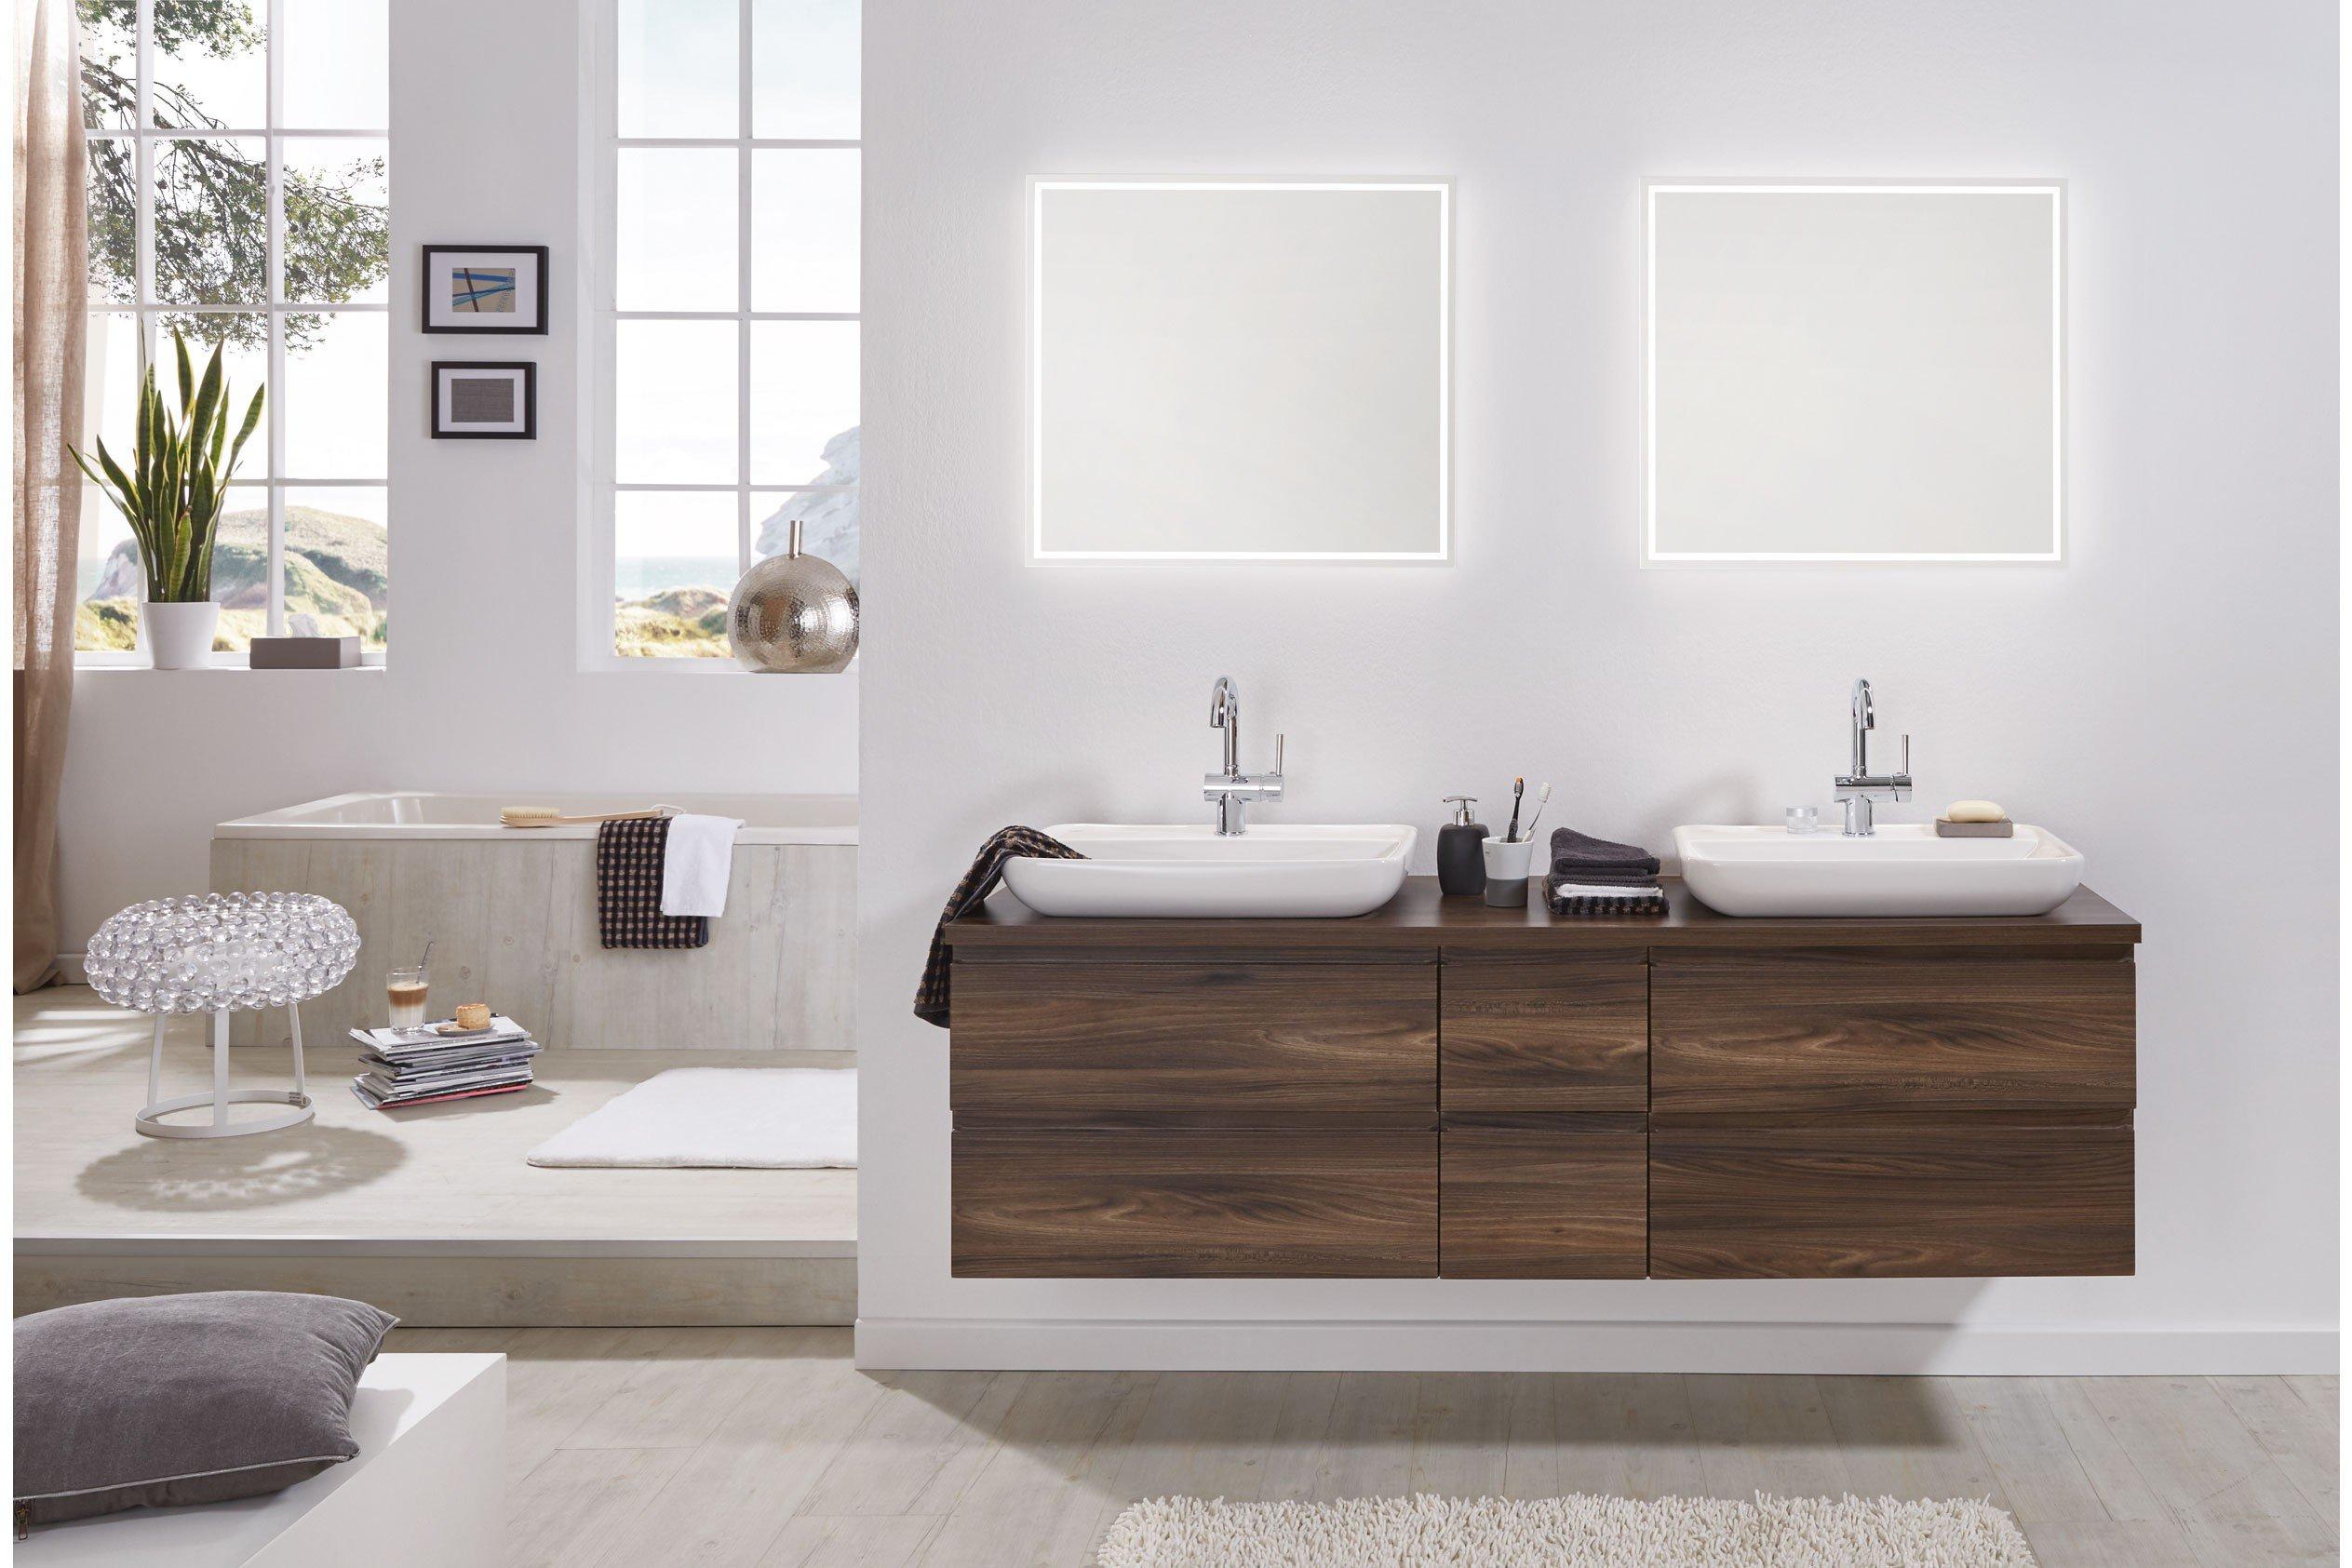 badezimmer variado 2.0 ulme von puris   möbel letz - ihr online-shop, Badezimmer ideen